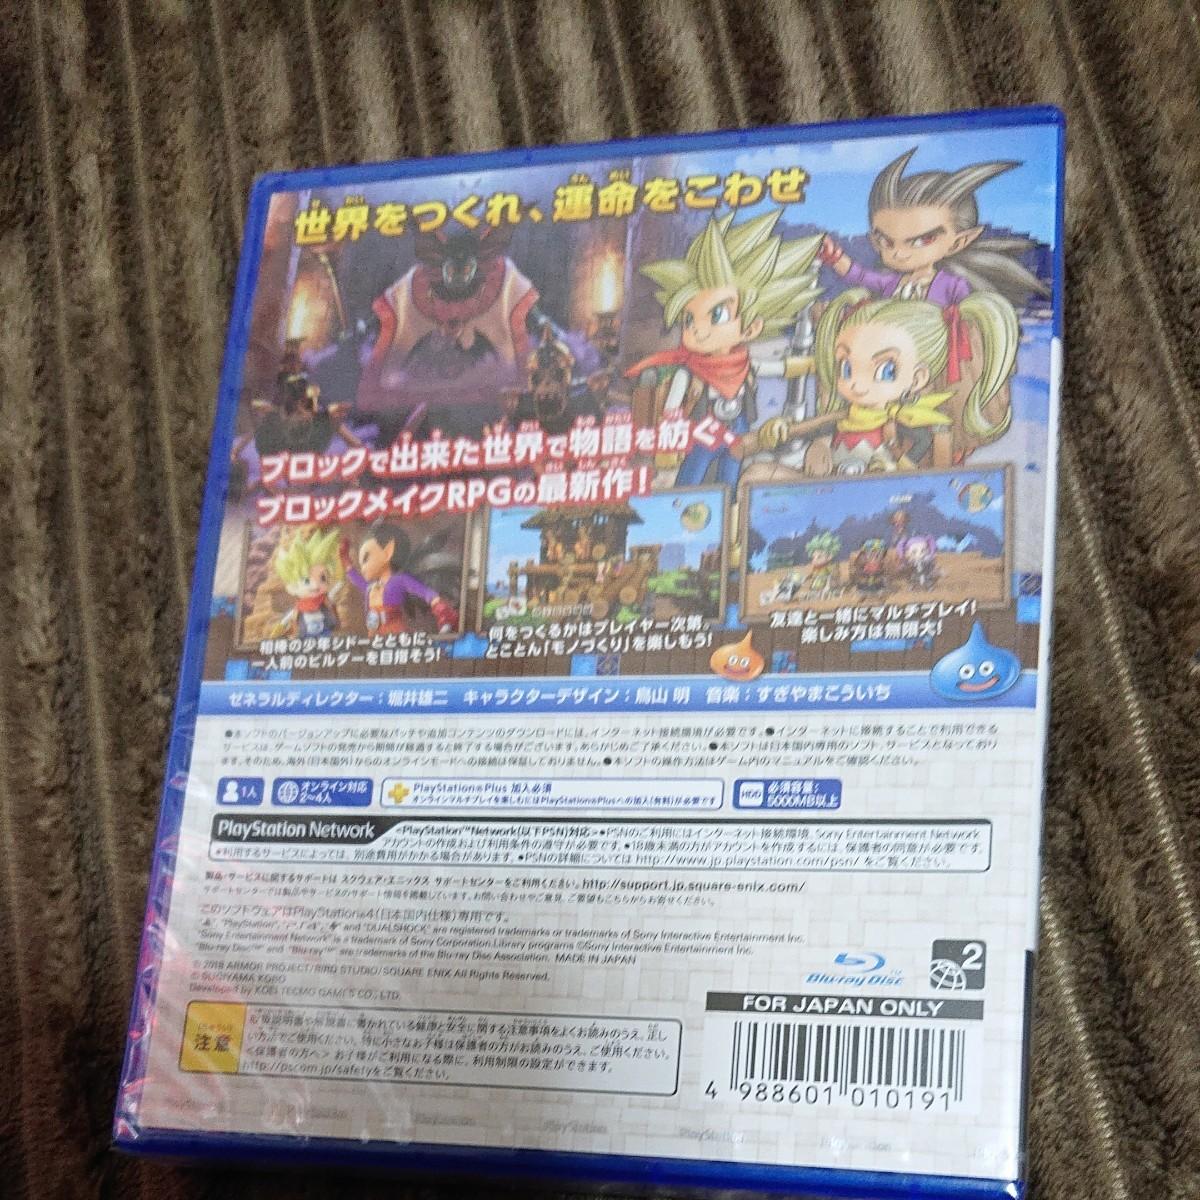 新品未開封!【PS4】 ドラゴンクエストビルダーズ2 破壊神シドーとからっぽの島 [通常版]